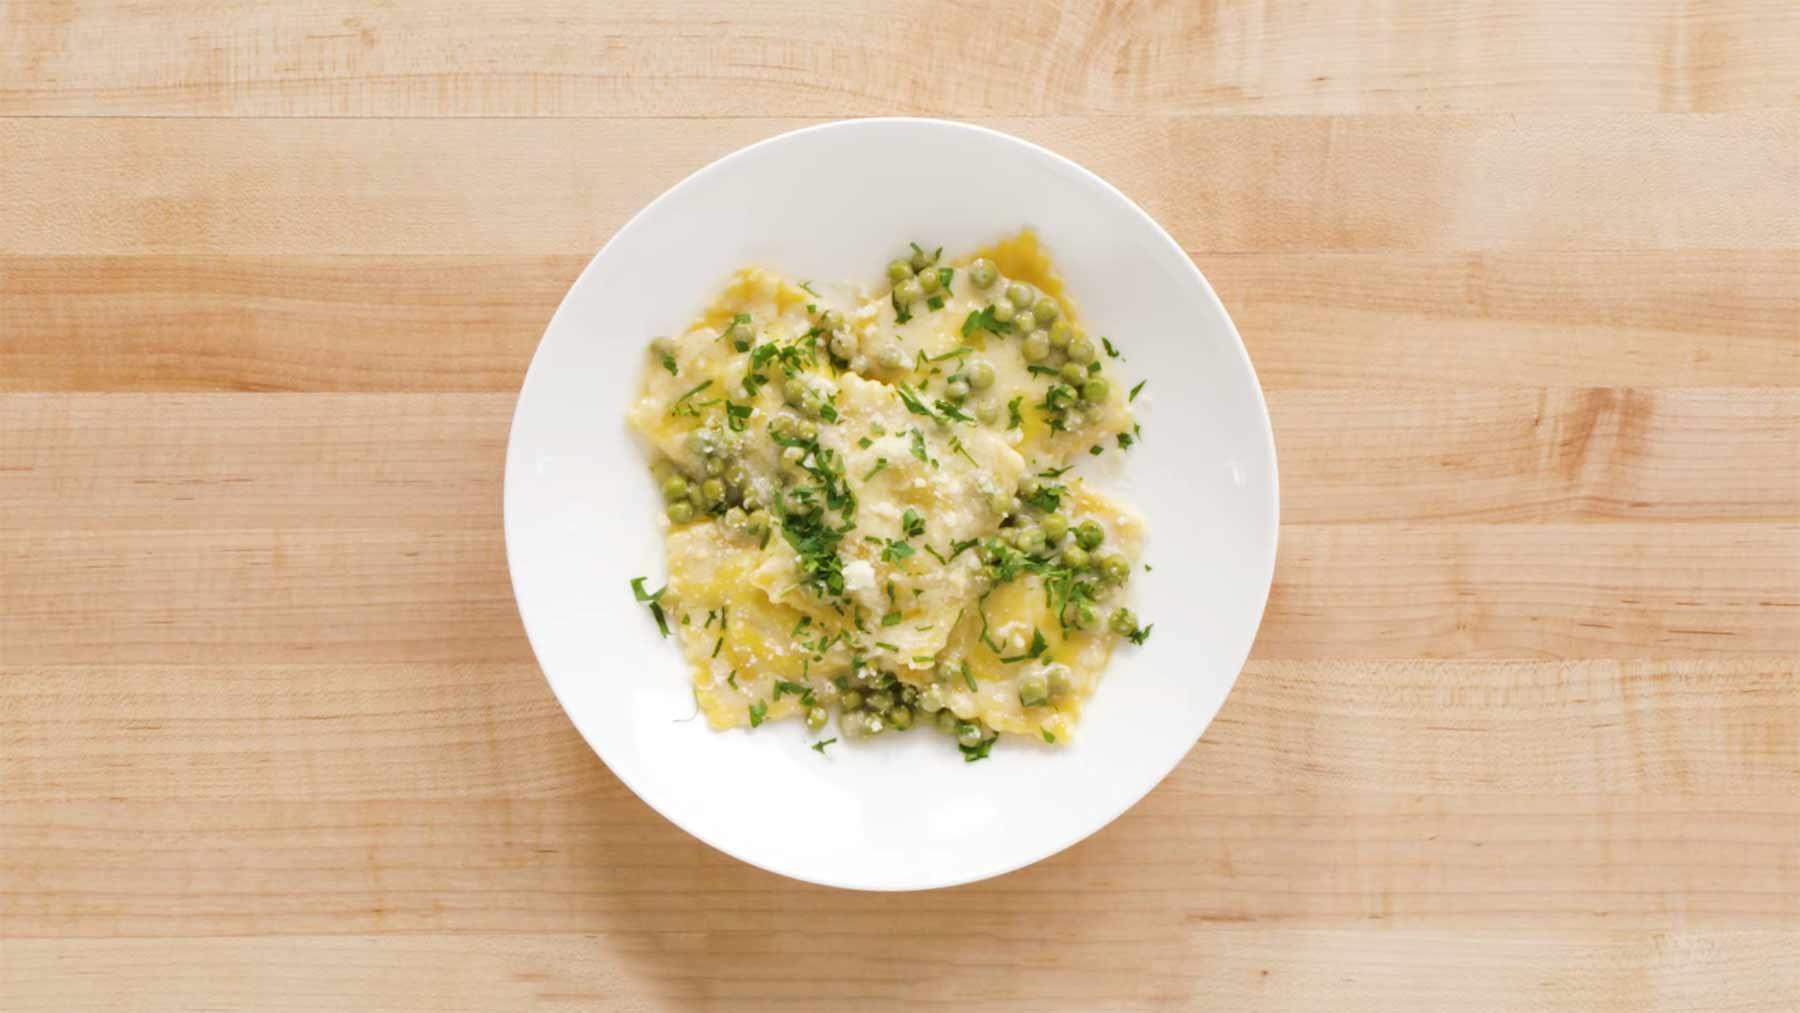 Köche unterschiedlicher Fähigkeitsstufen machen Ravioli 4-levels-of-ravioli